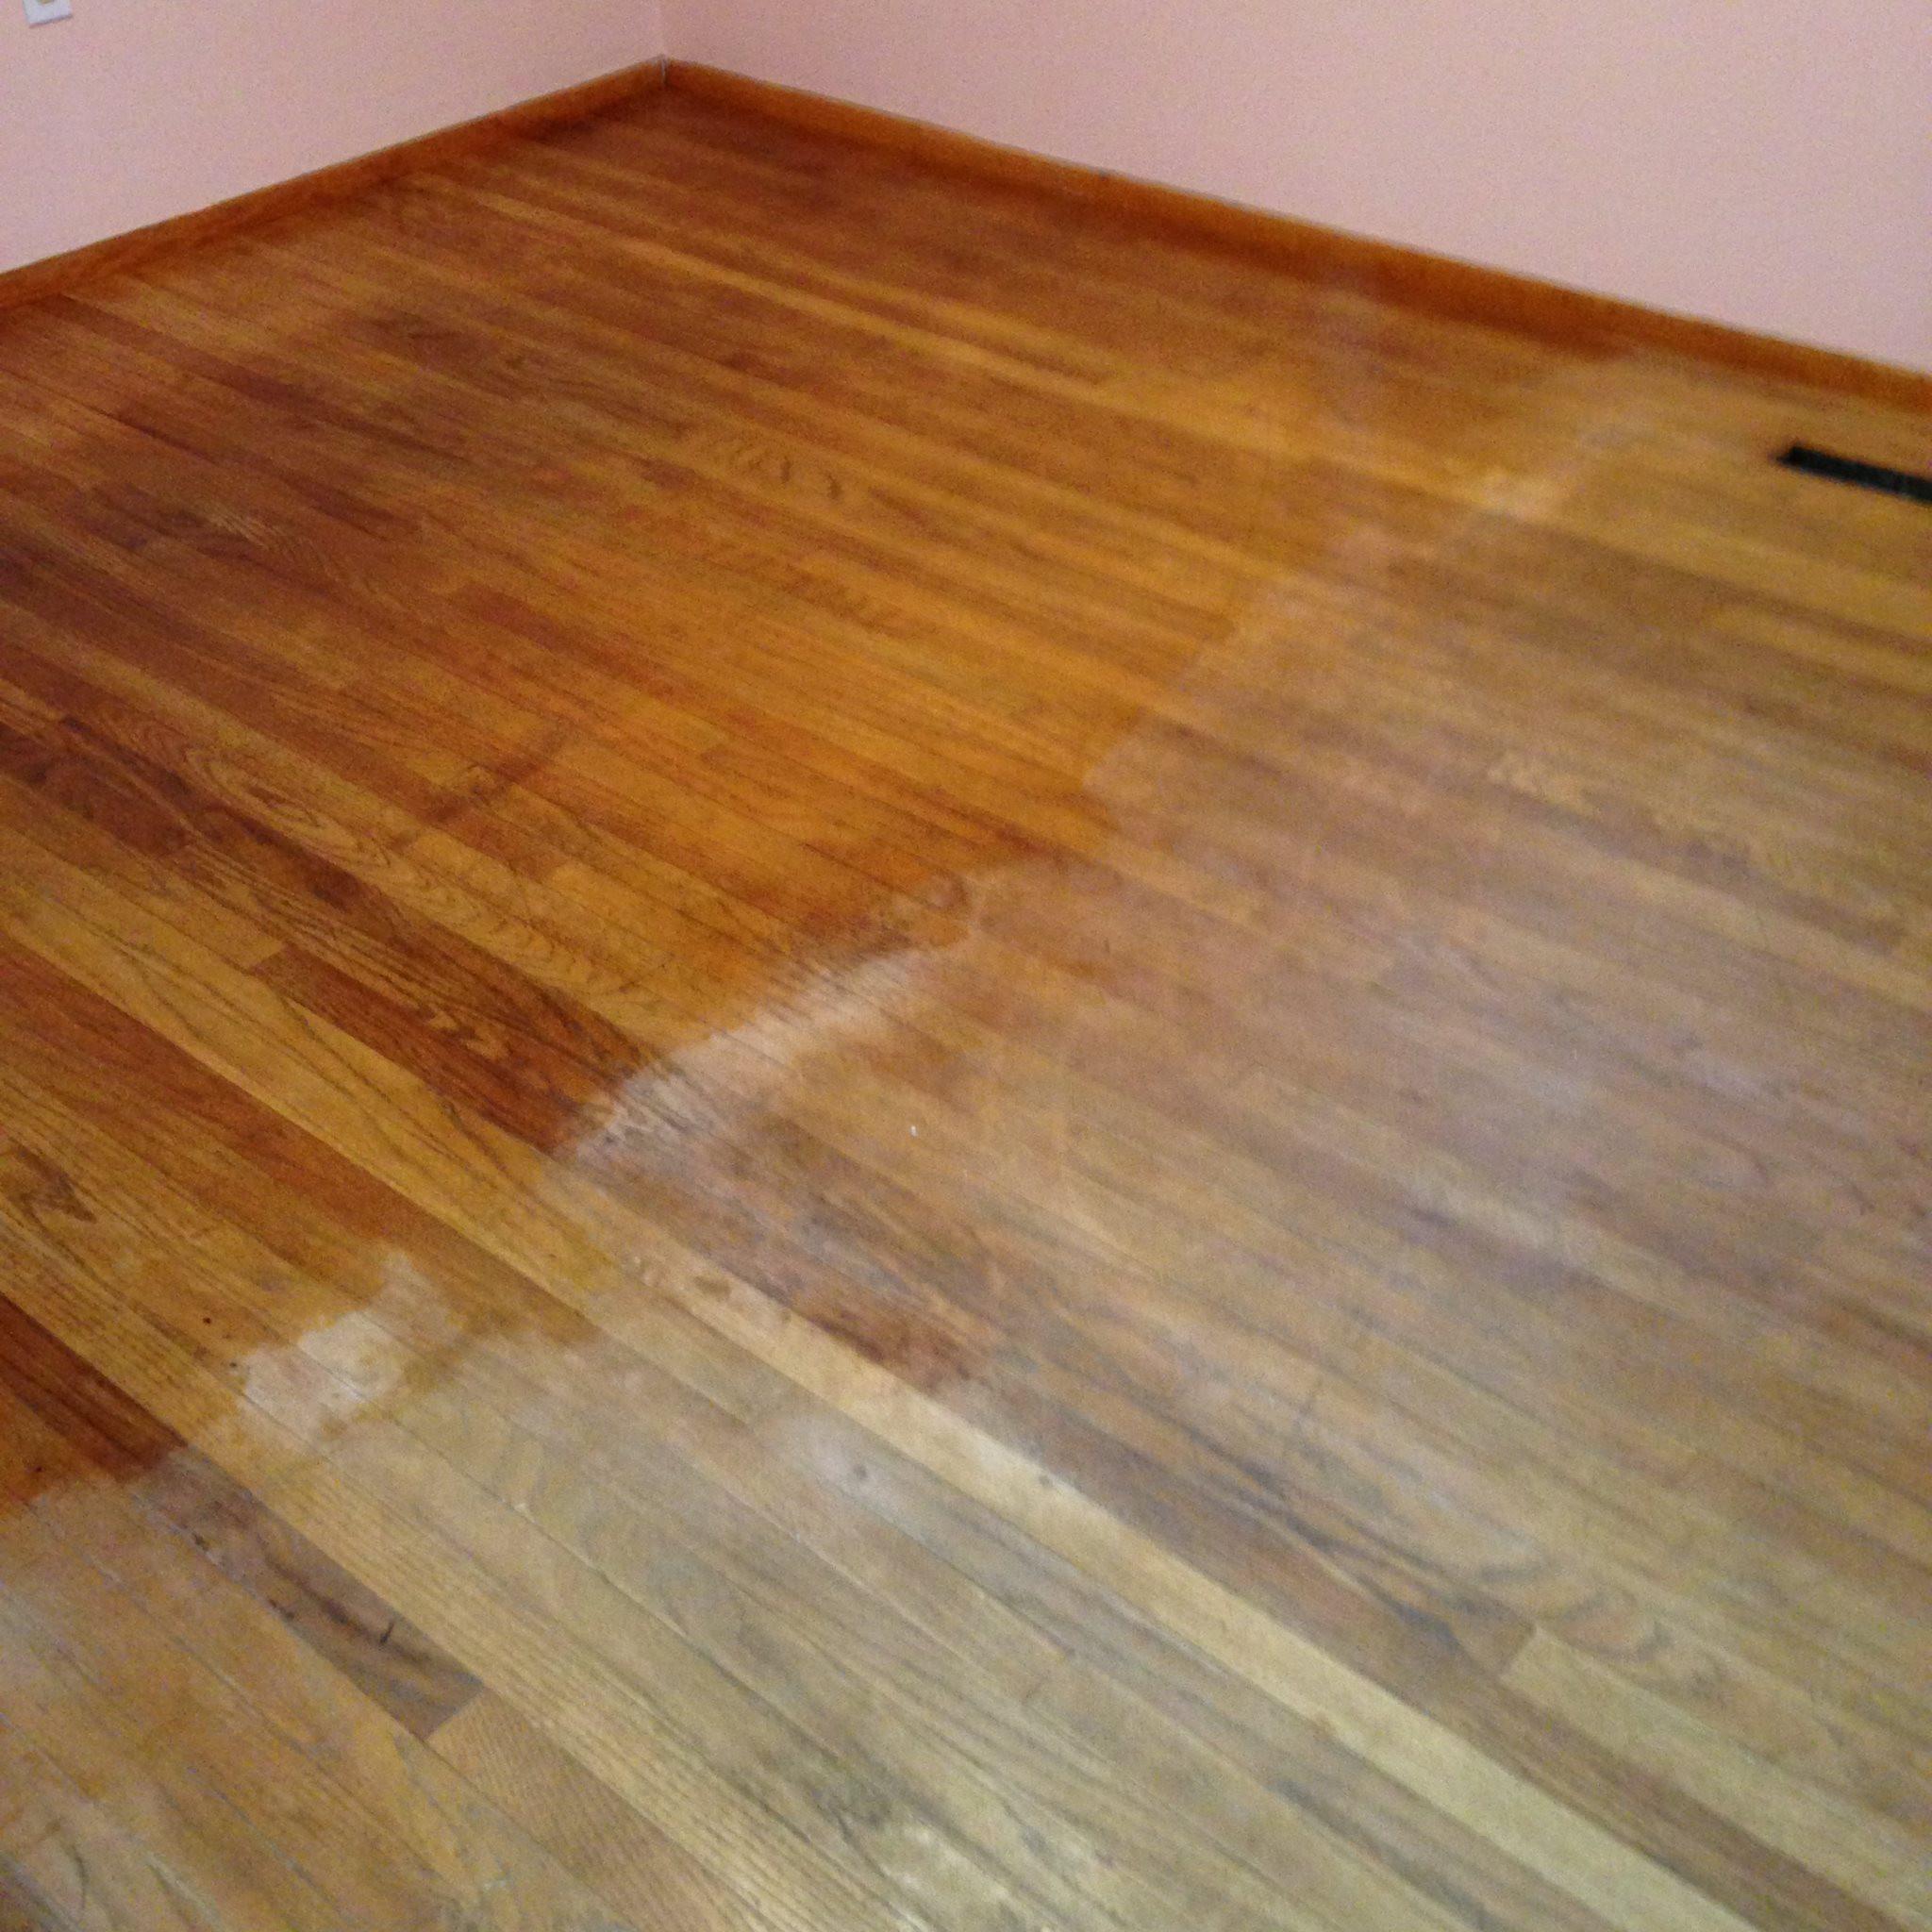 Repairing Gaps In Old Hardwood Floors Of 15 Wood Floor Hacks Every Homeowner Needs to Know Pertaining to Wood Floor Hacks 15